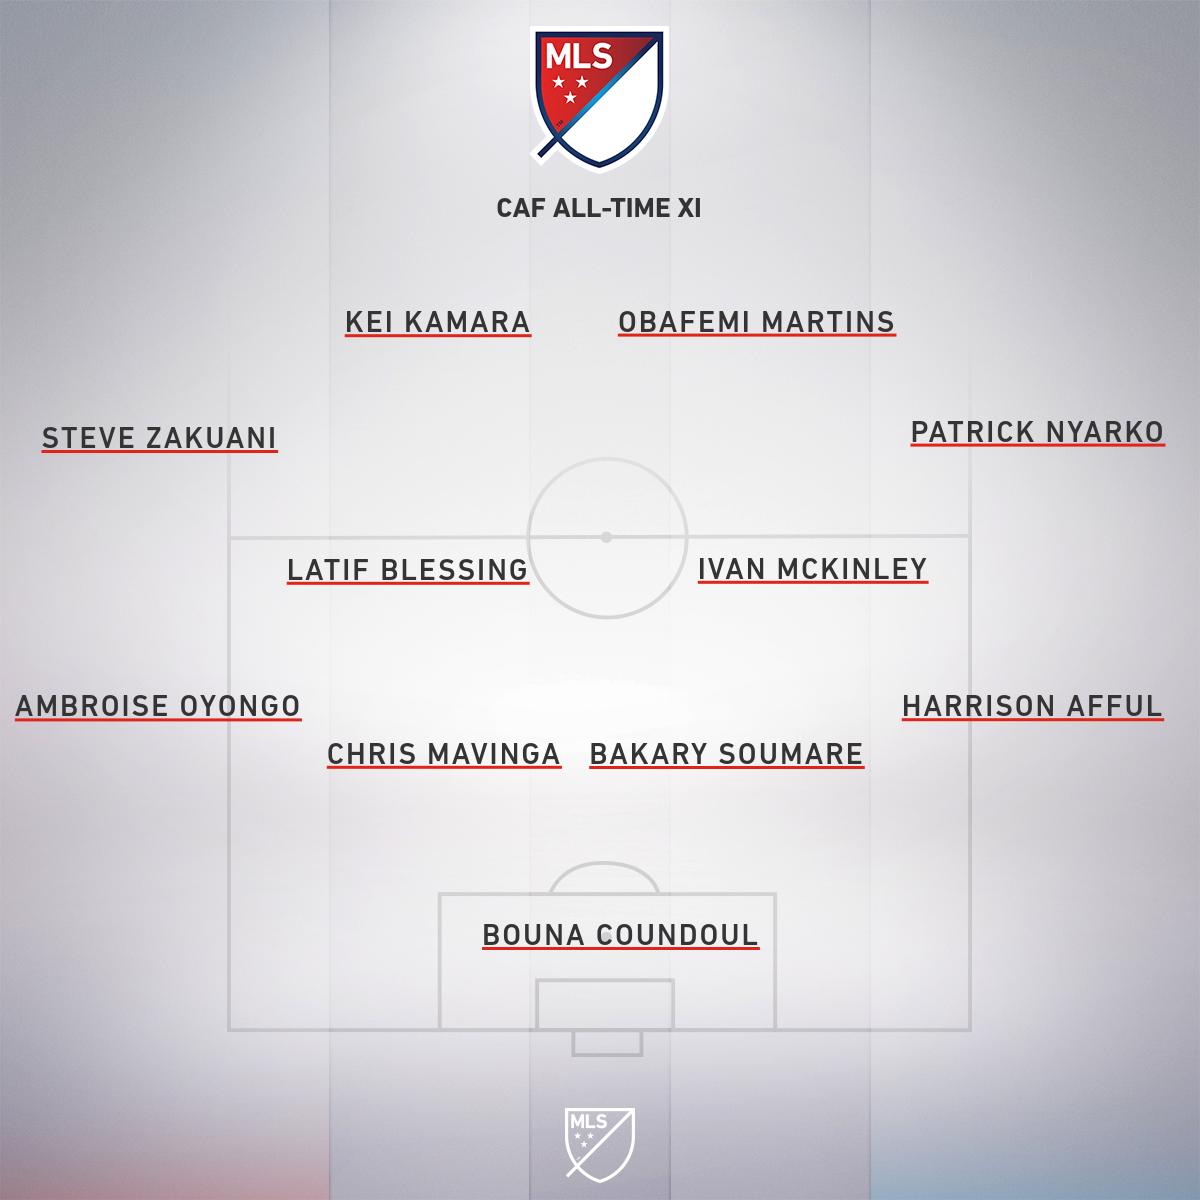 Мартинс, Камара, Блессинг - авторитетный журналист назвал лучших игроков Африки, игравших в MLS - изображение 1